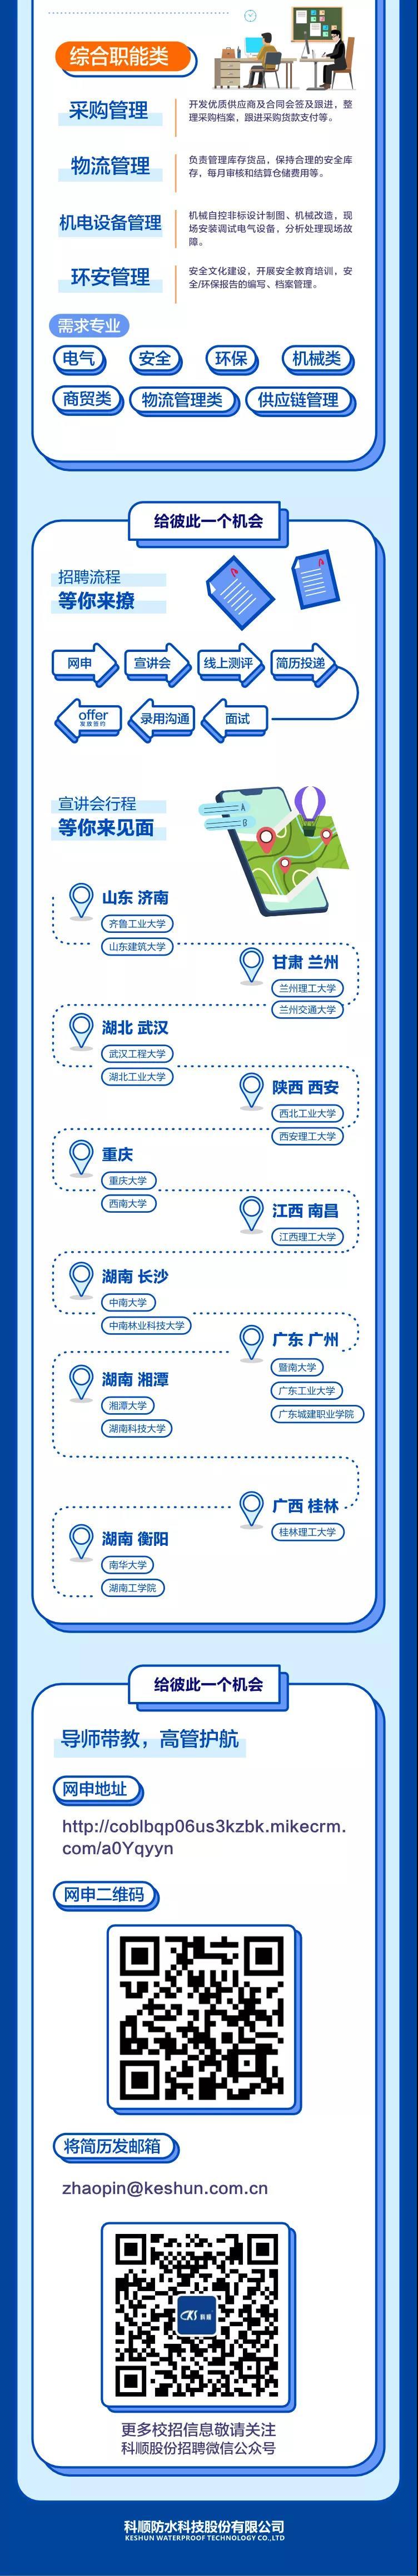 寰俊鍥剧墖_20191009174304.jpg